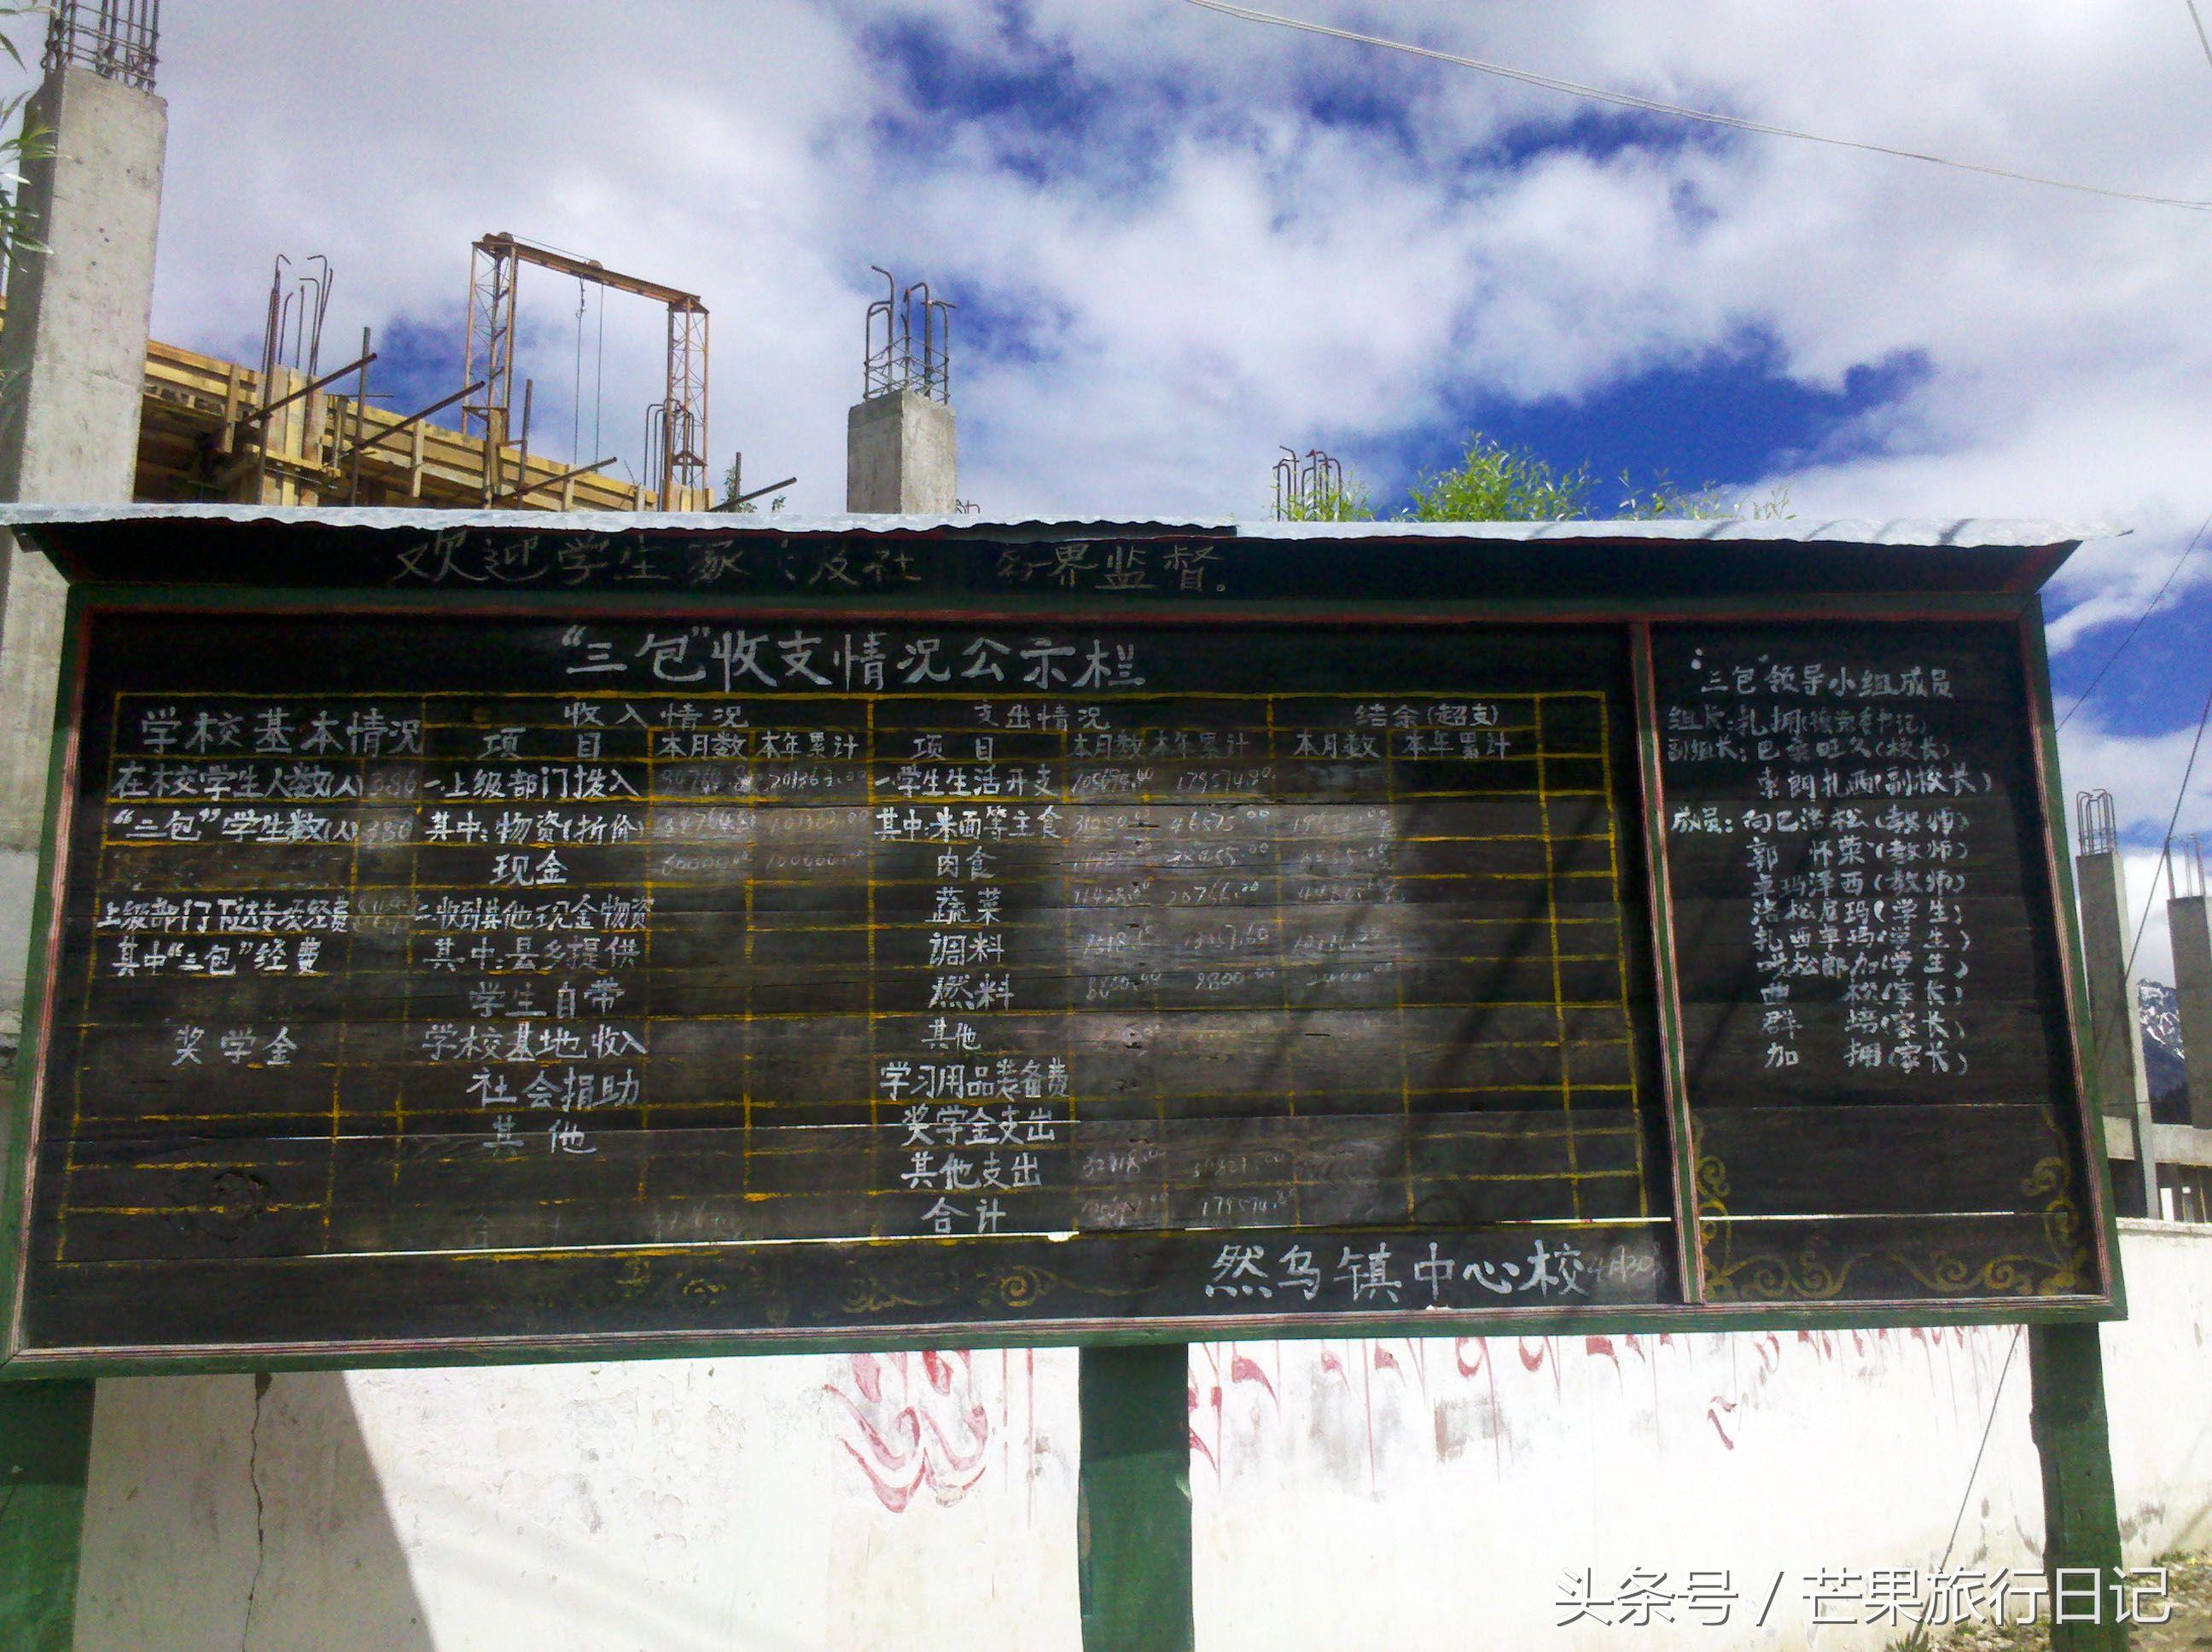 图为然乌镇中心学校,三包收支情况公告栏,公布费用情况供家长监督.